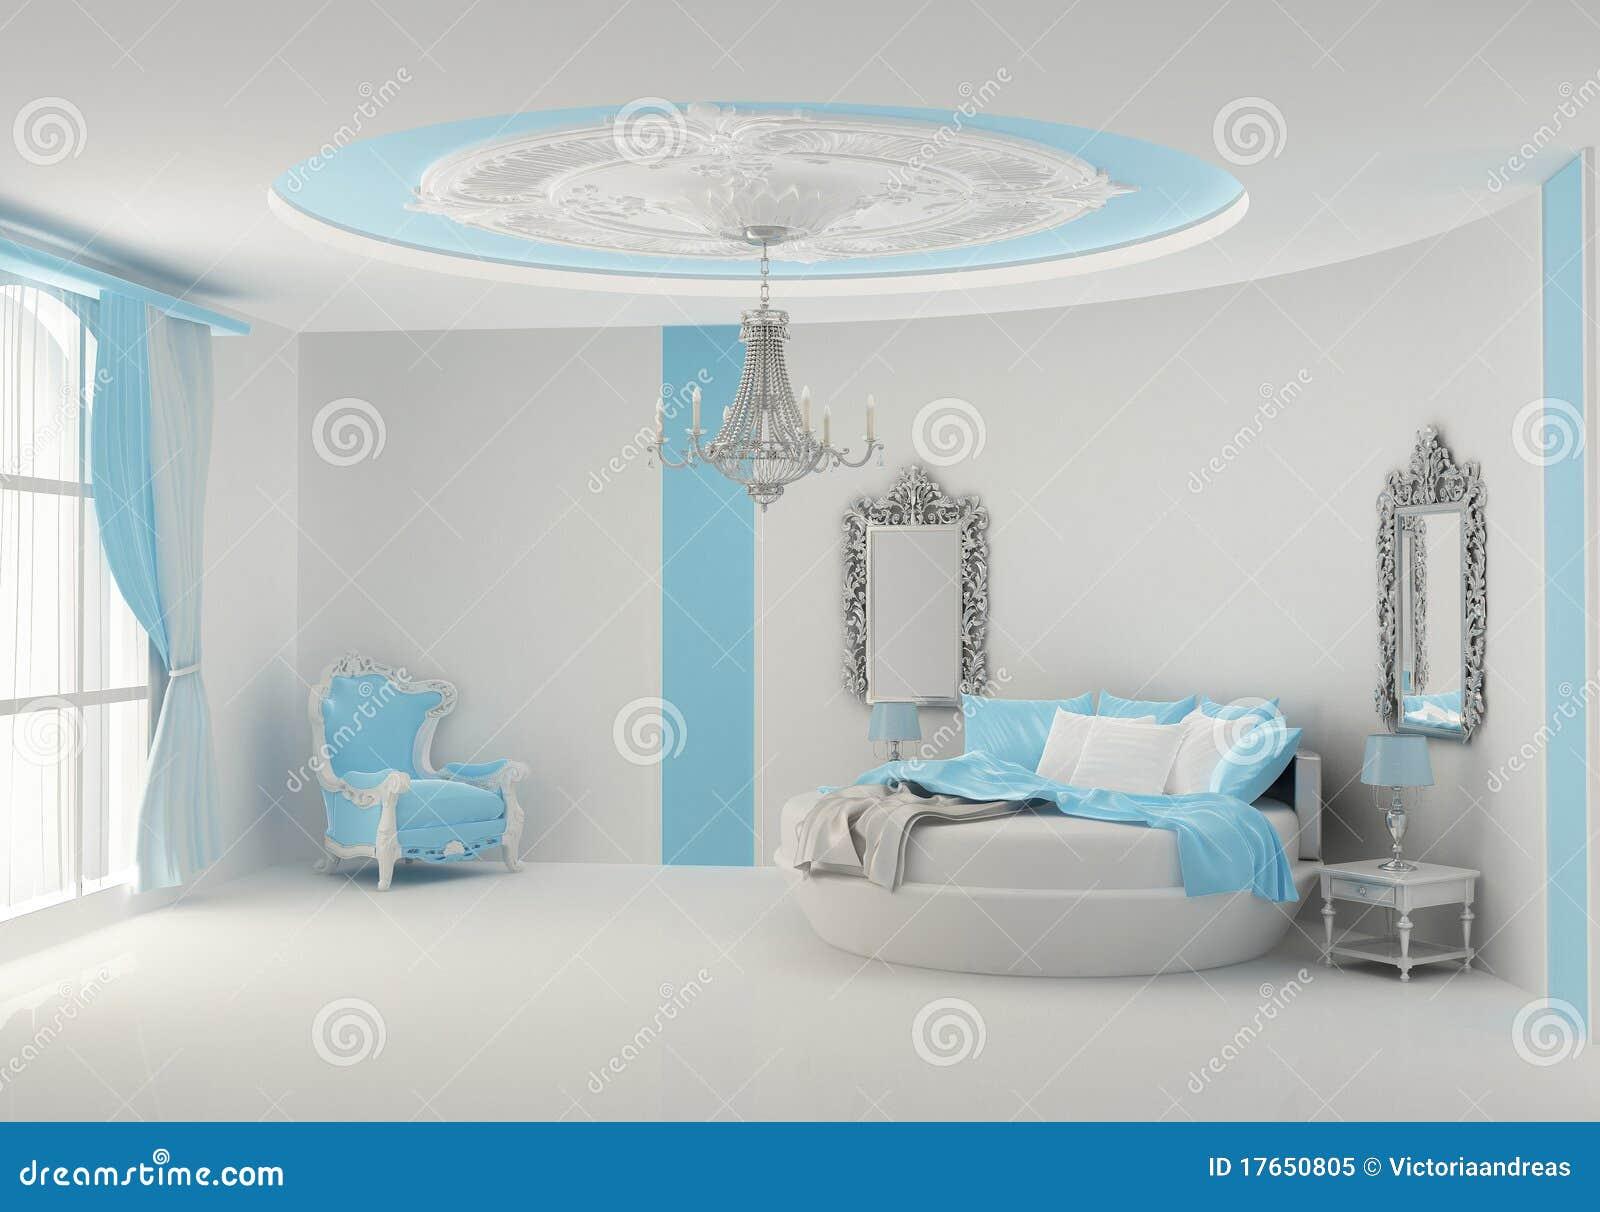 Finest Chambre Ado Fille Baroque Indogatecom Decoration Chambre Baroque Moderne With Chambre